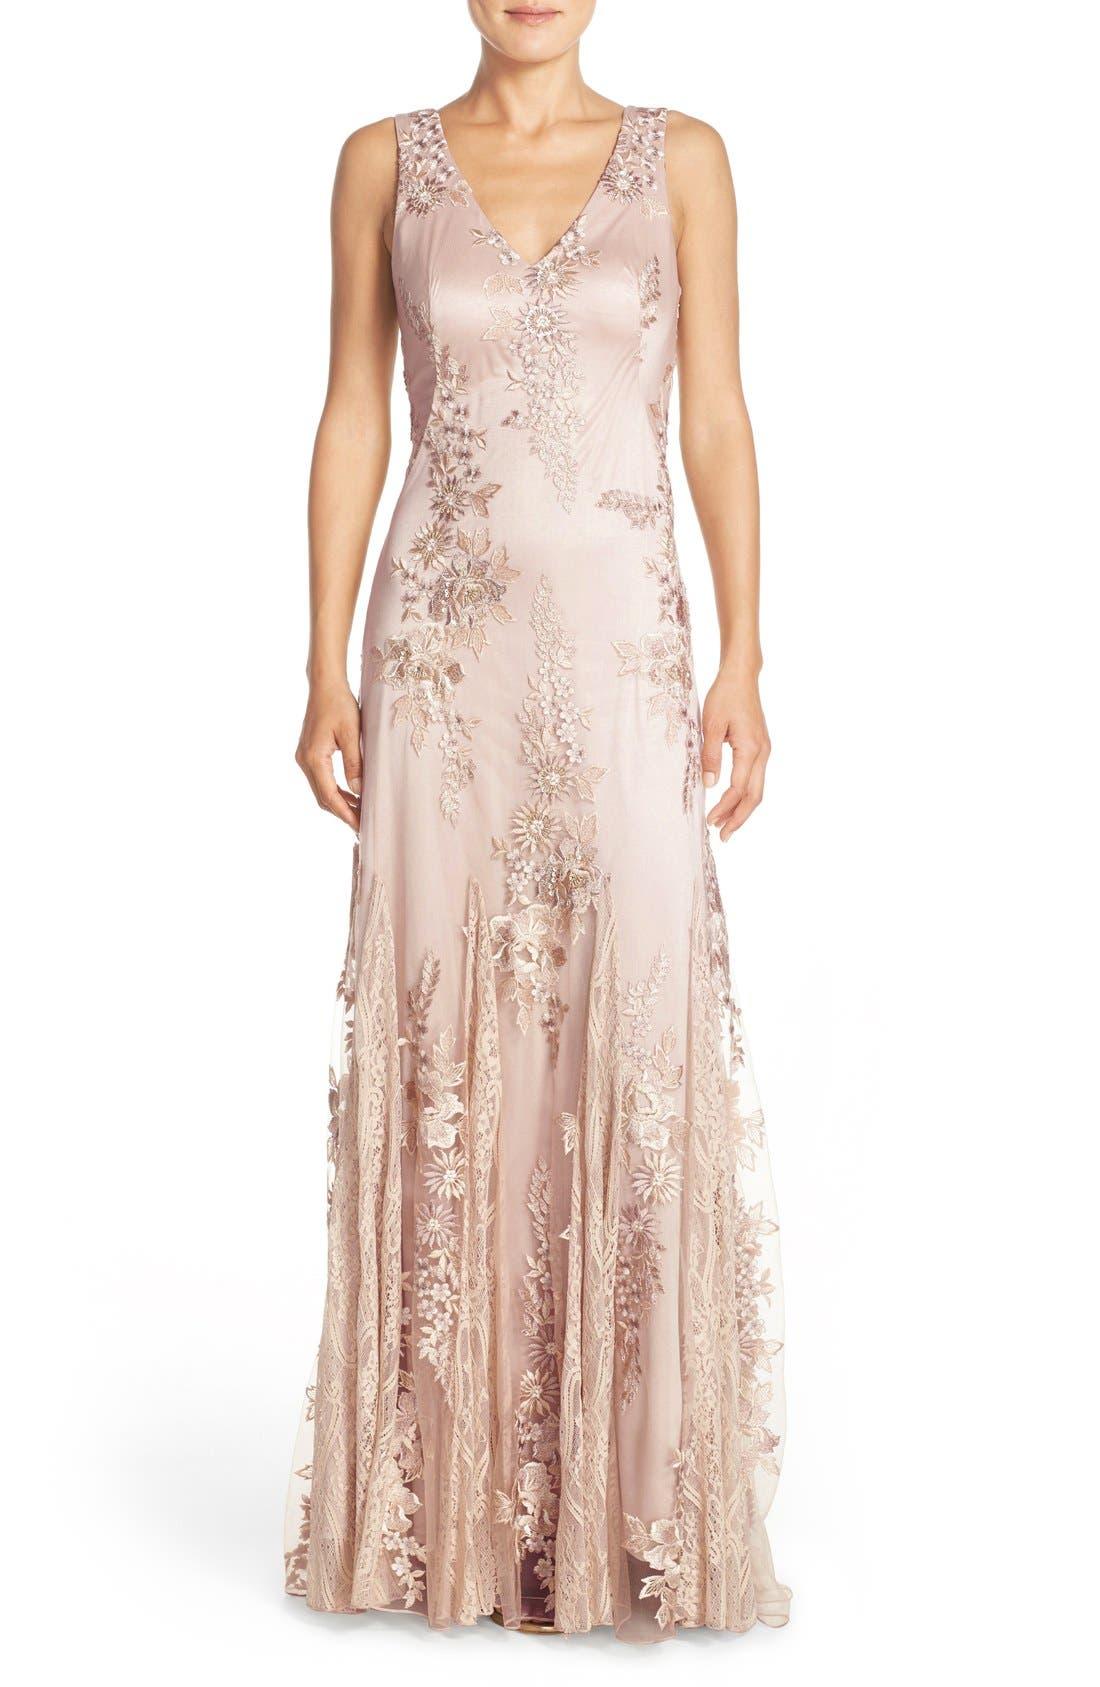 Susan Wong Dresses